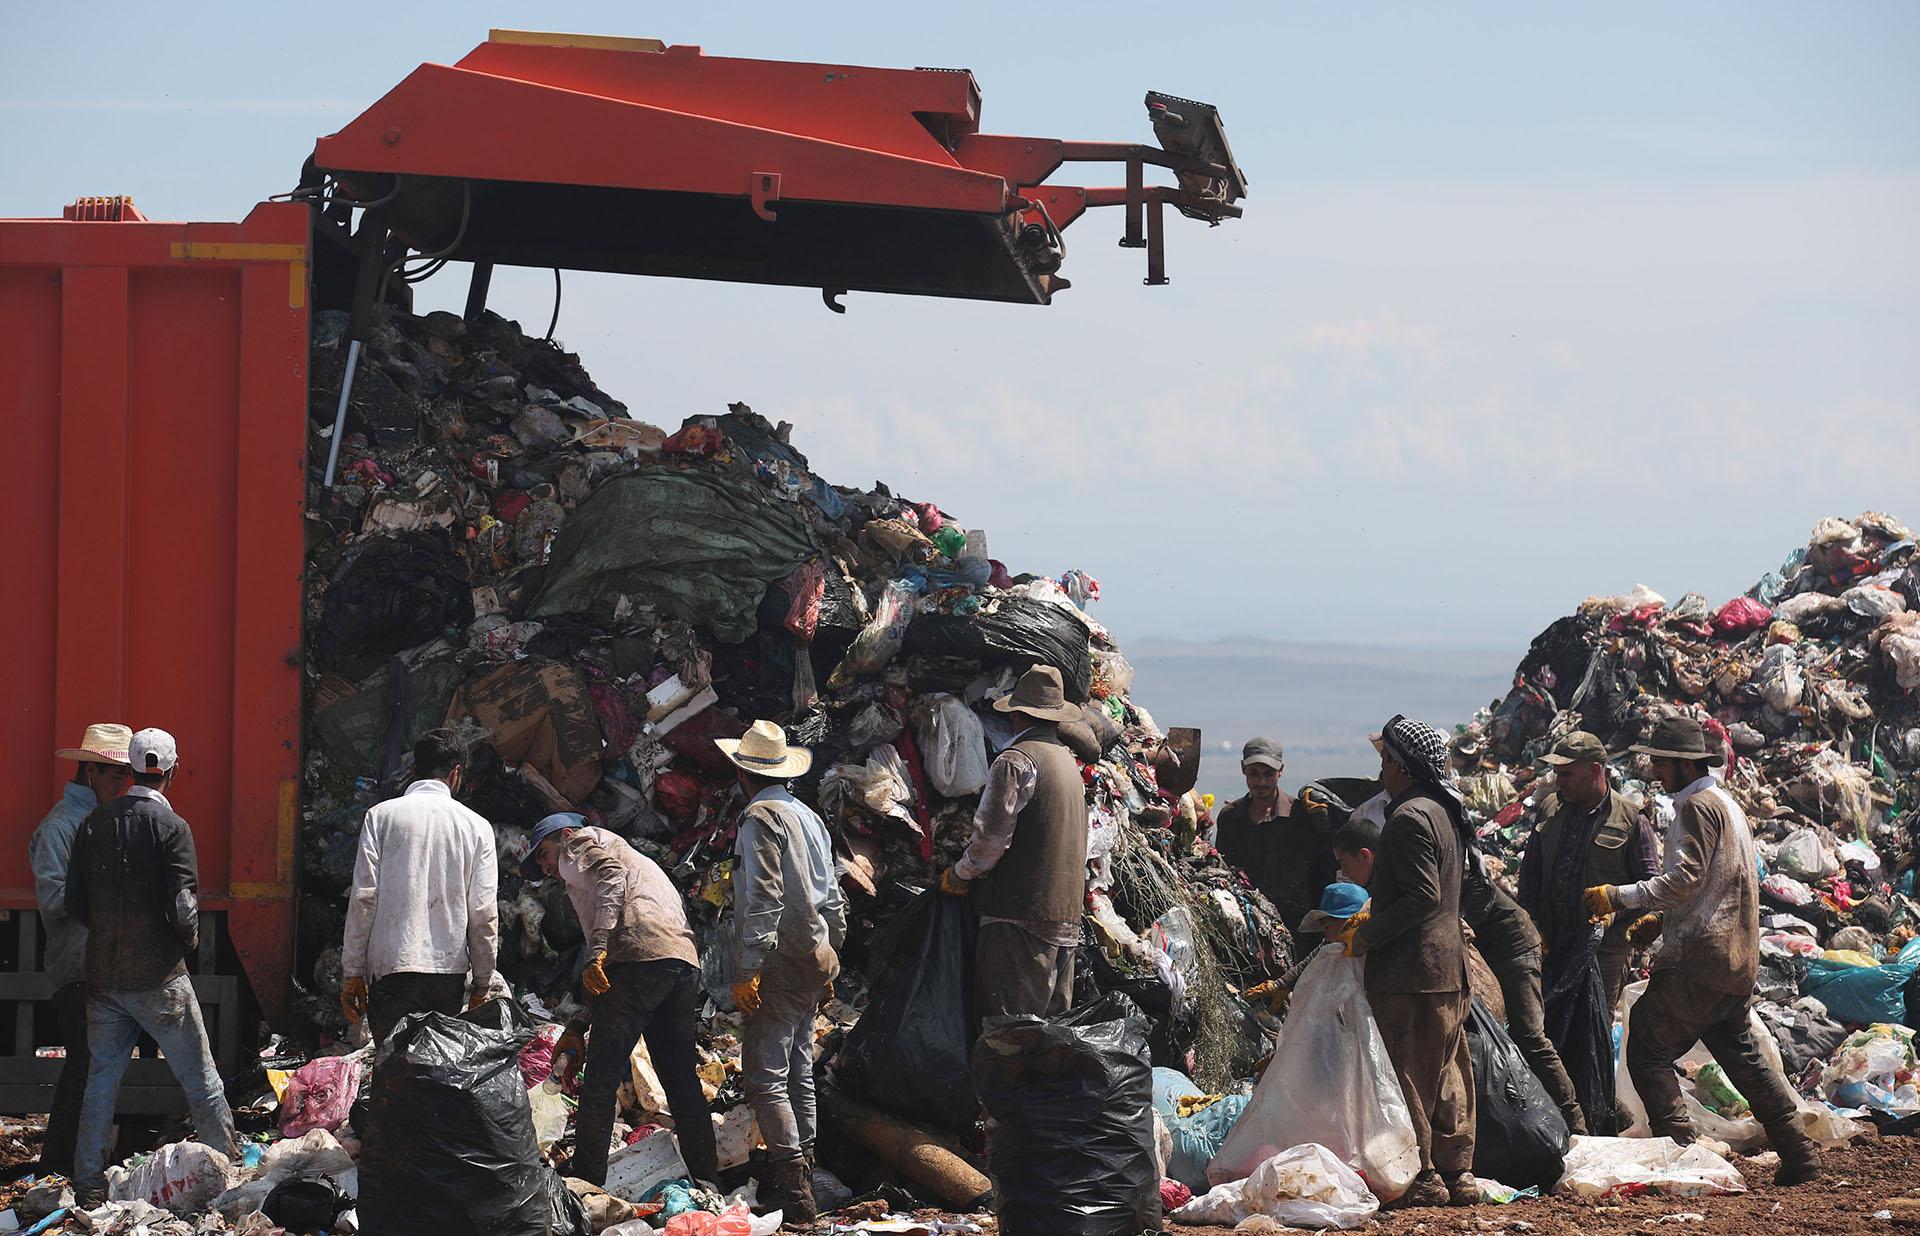 Recolectores de basura buscan deshechos reciclables en un vertedero en el Día Mundial del Medio Ambiente en Diyarbakir, Turquía (REUTERS/Umit Bektas)